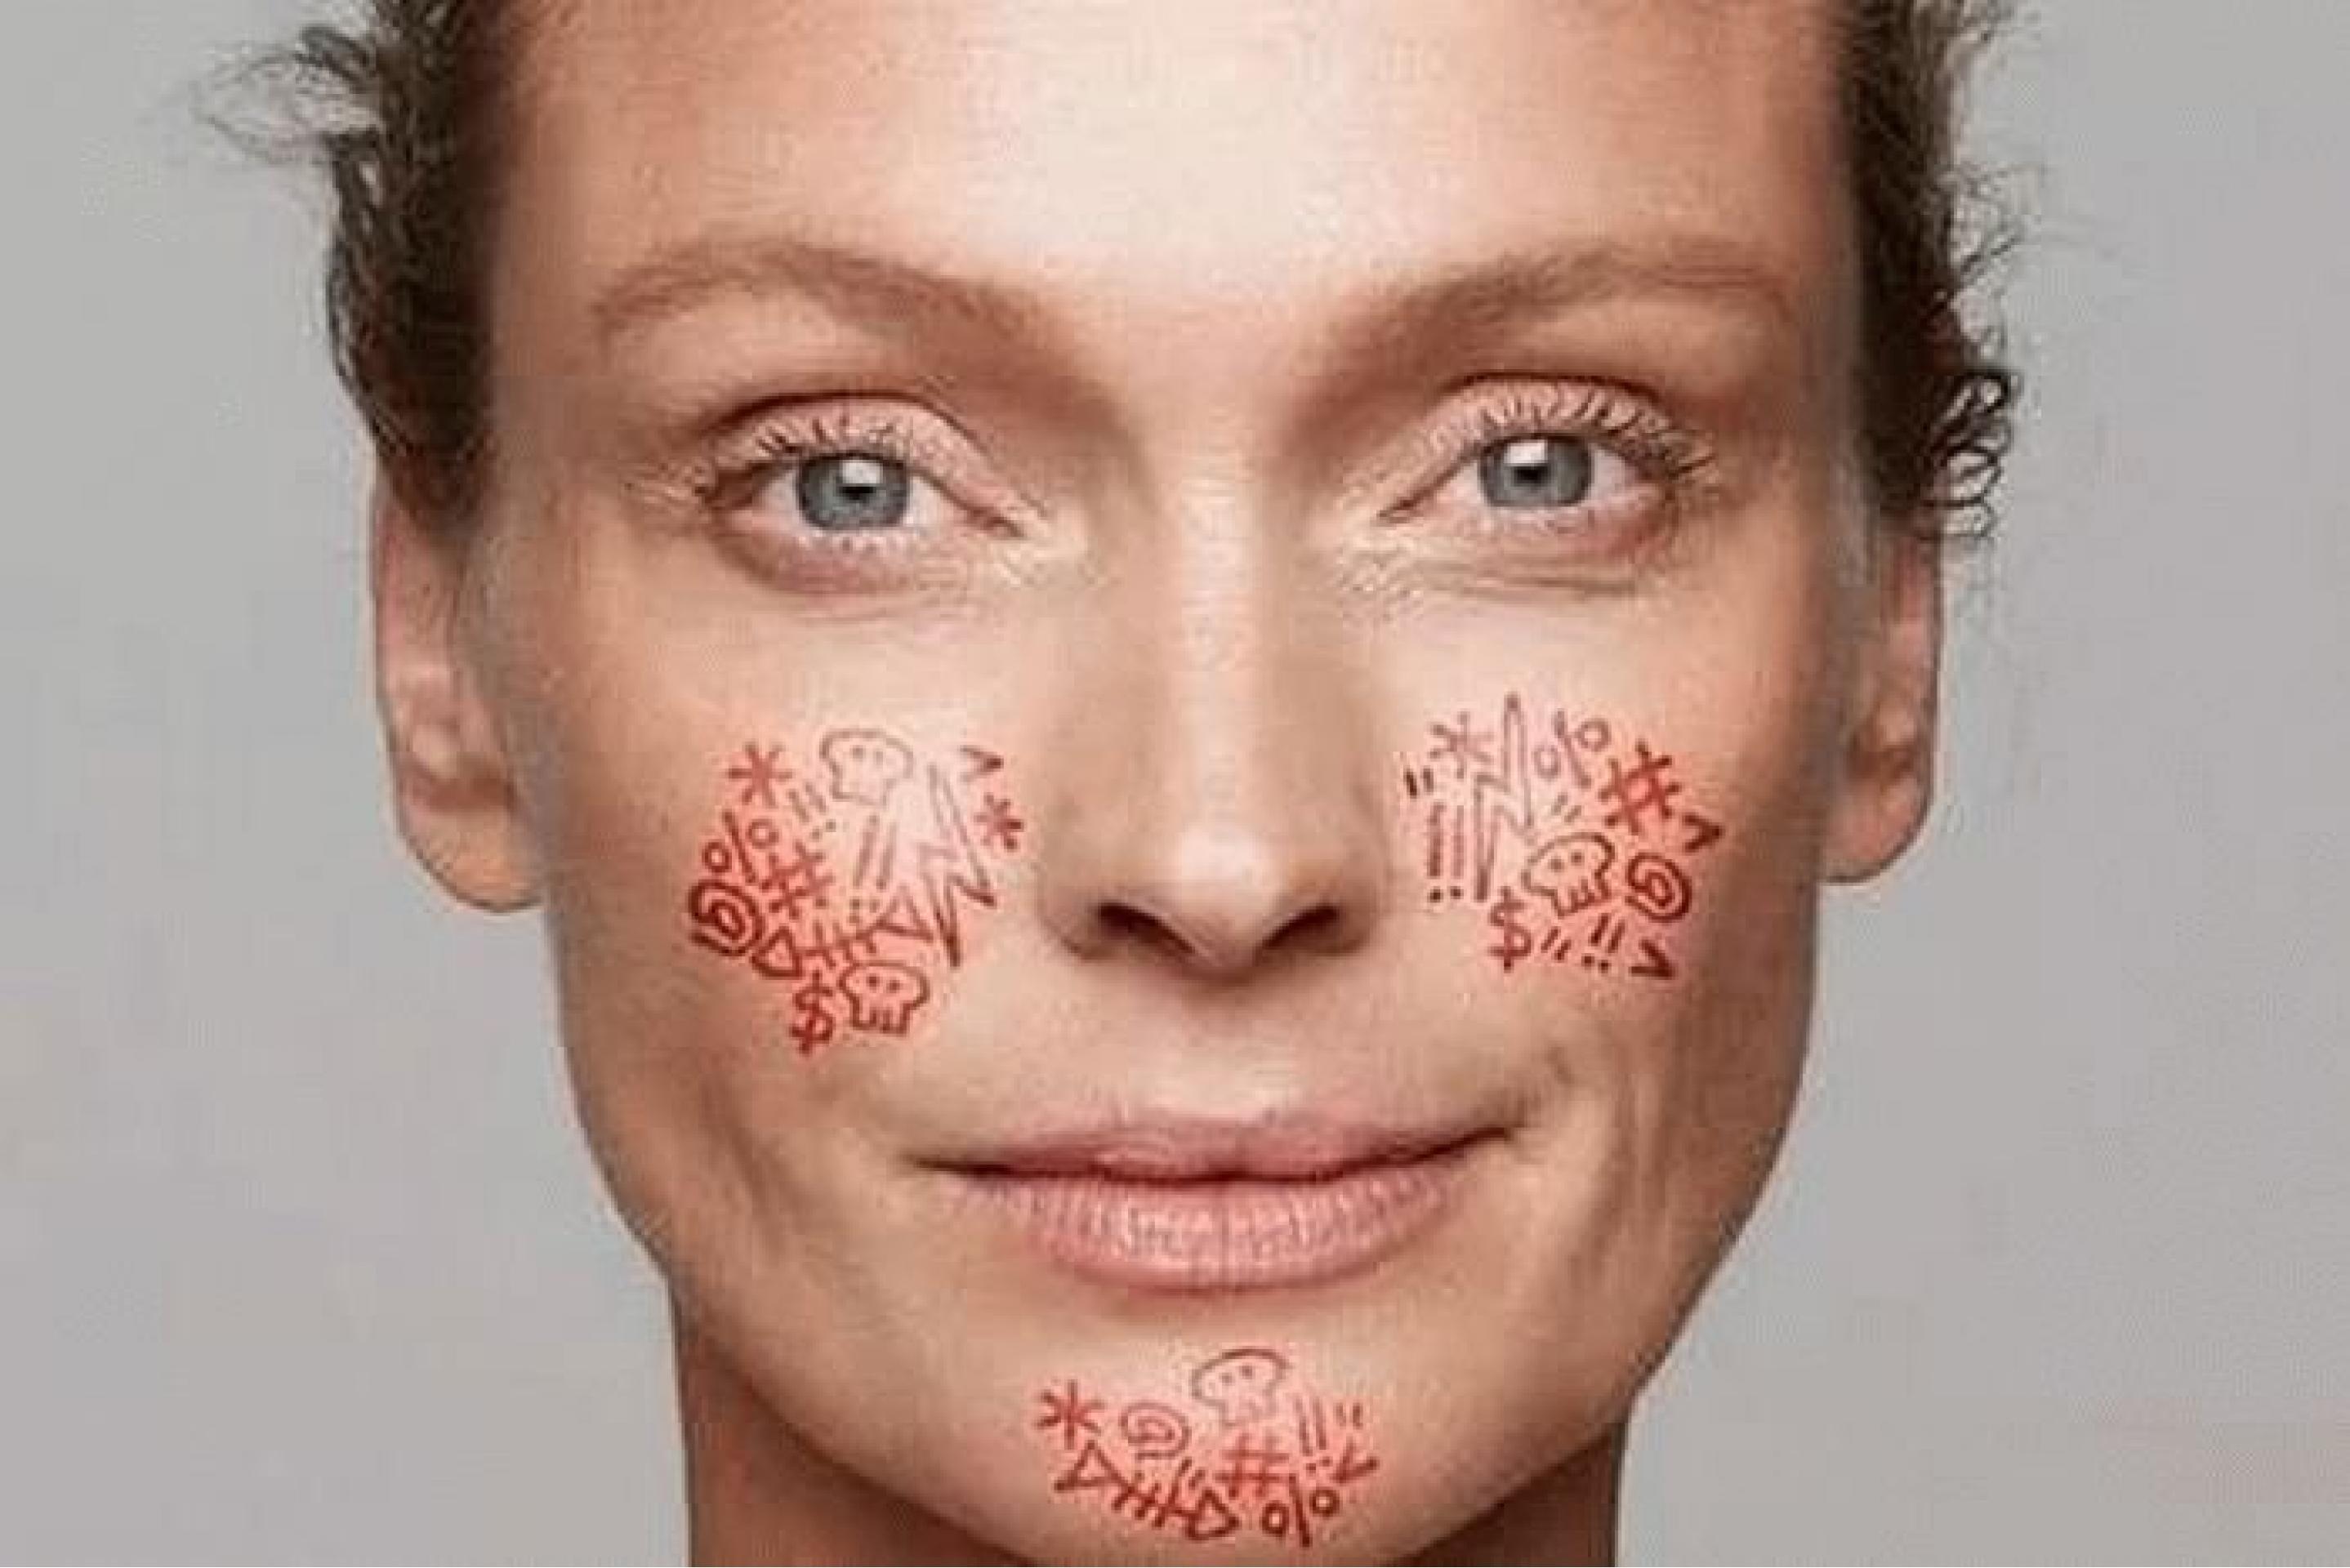 Натуральная косметика для кожи с куперозом: как выбрать и использовать?